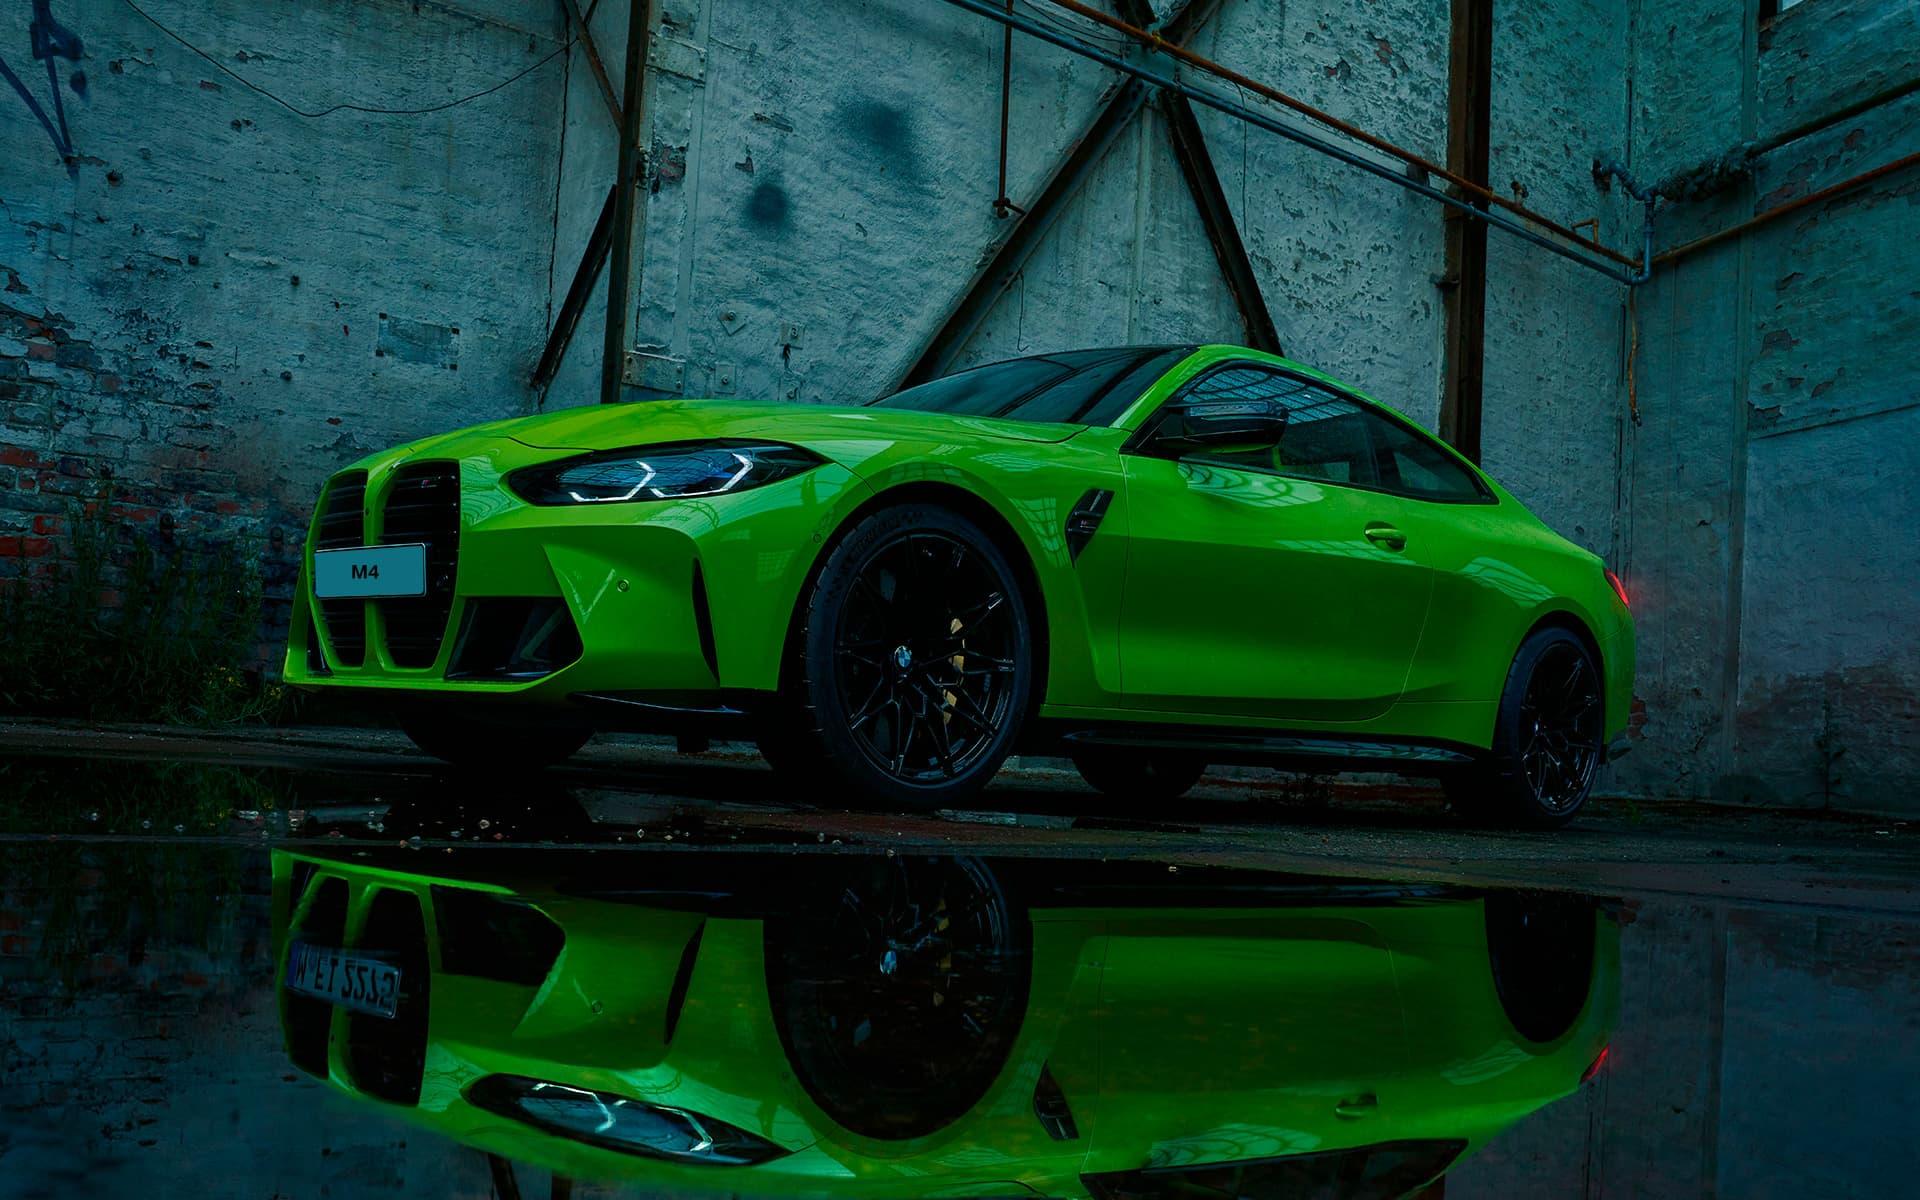 BMW M4 deportividad y diseño